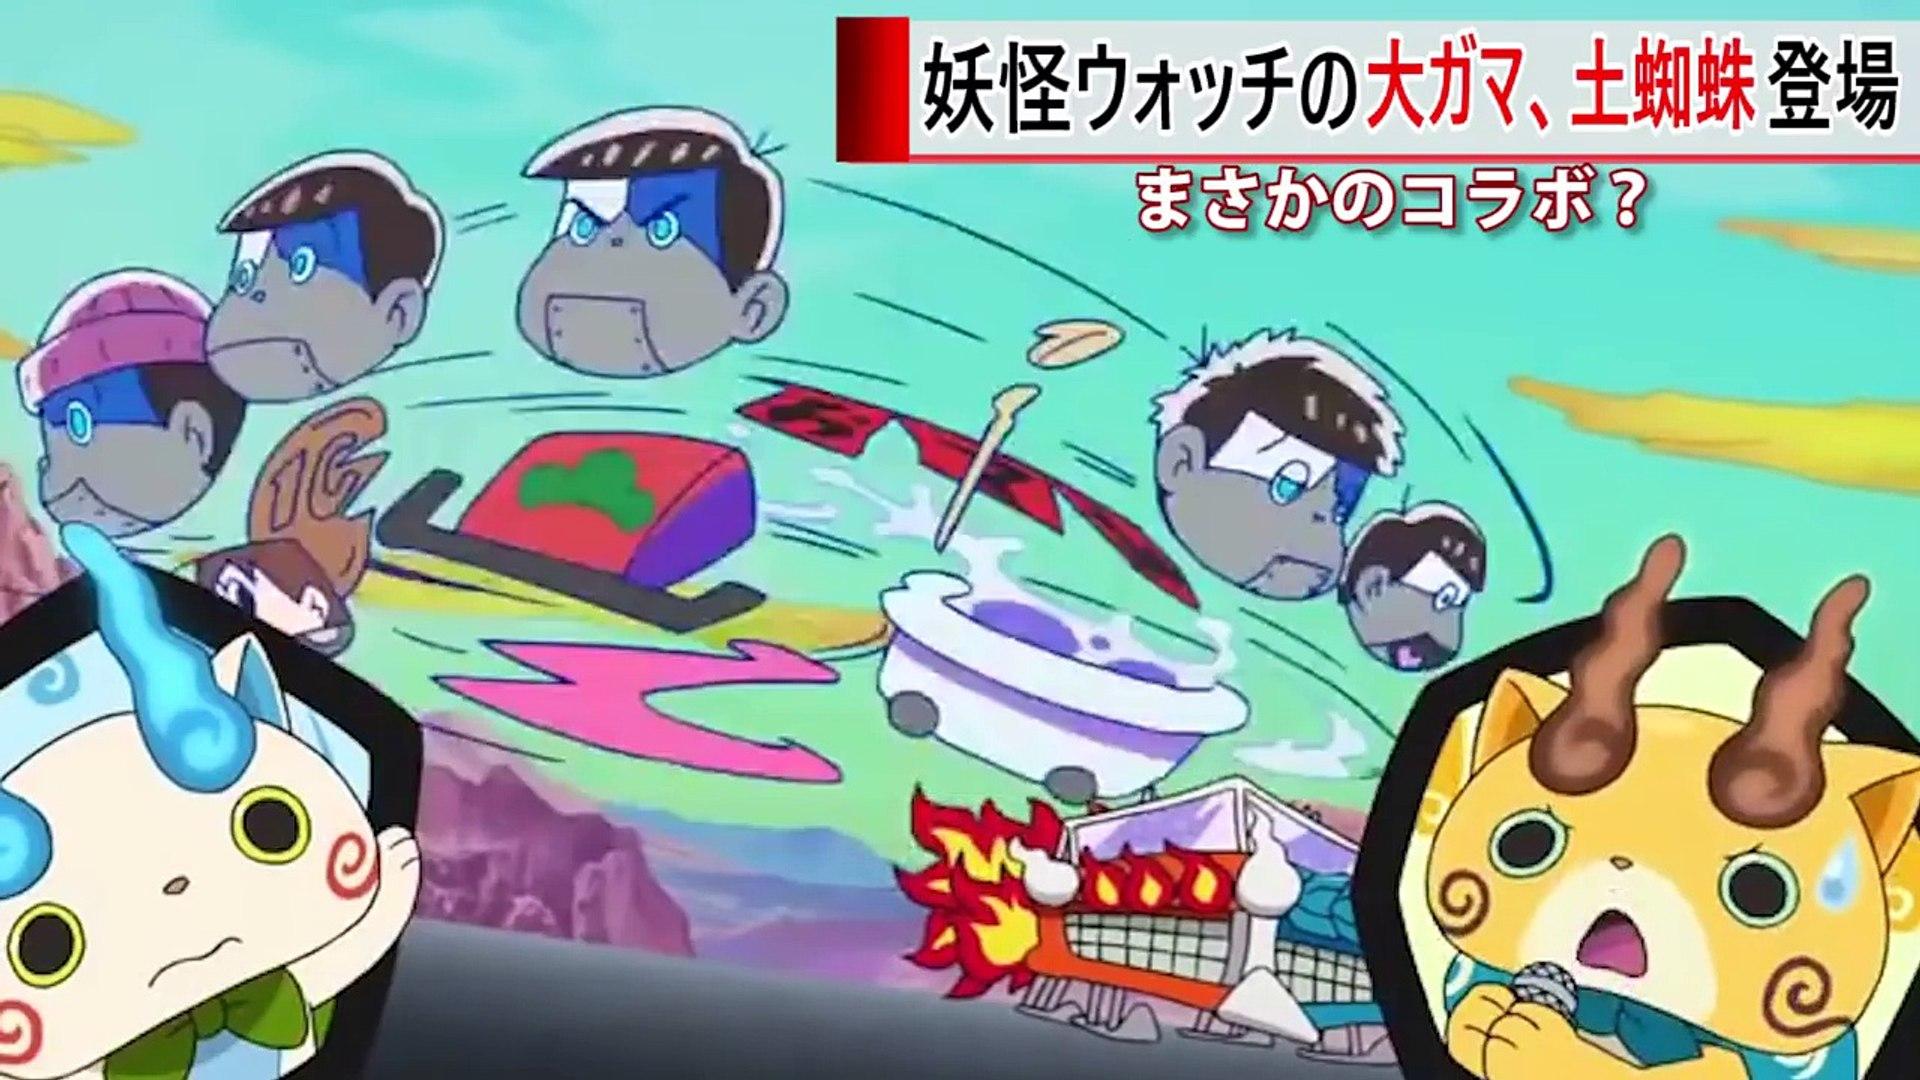 おそ松さん 2期 7話に妖怪ウォッチのキャラクターが登場していた